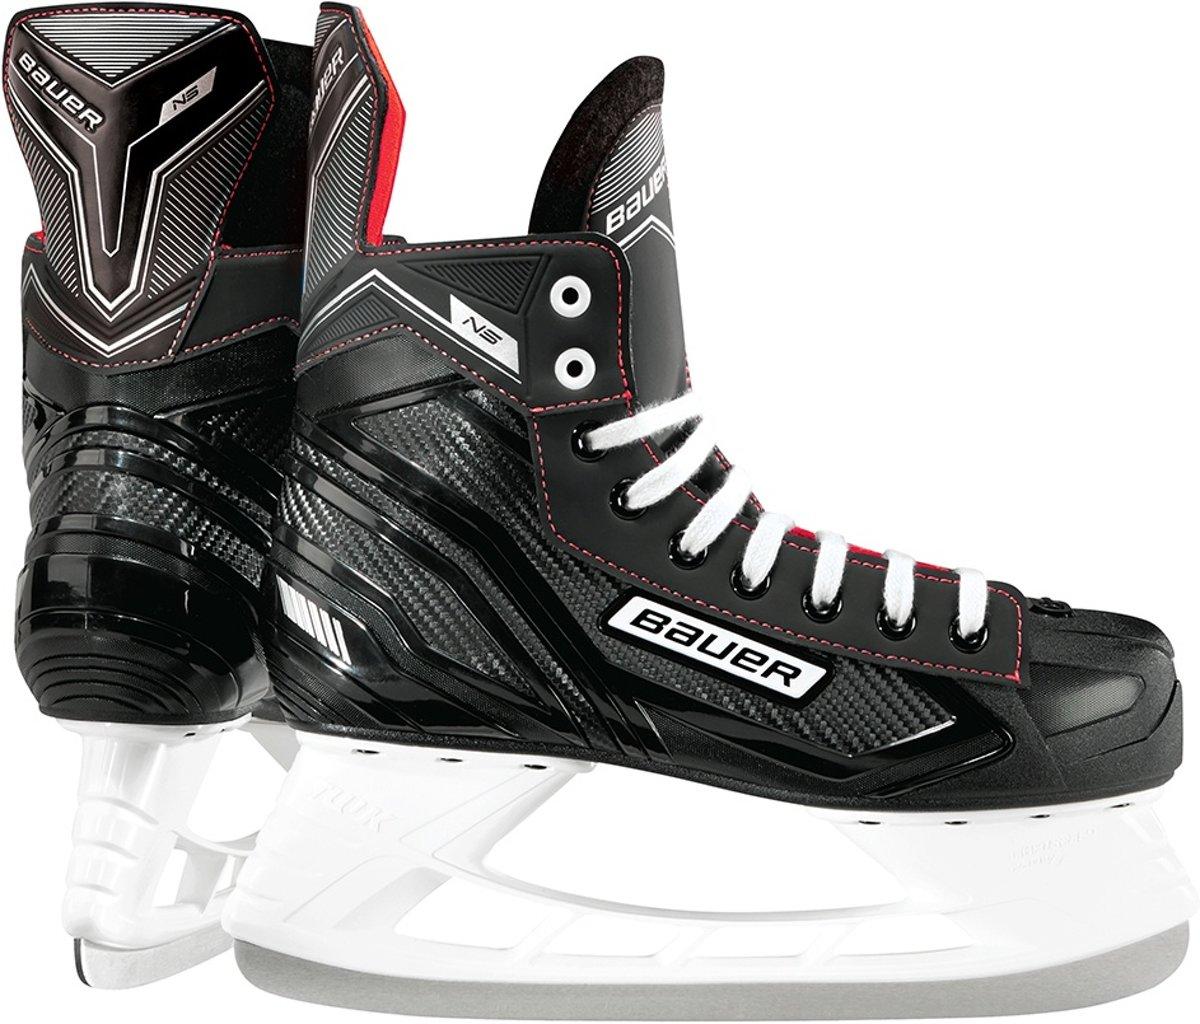 Bauer Ijshockeyschaatsen Ns Skate Junior Zwart/rood Maat 33,5